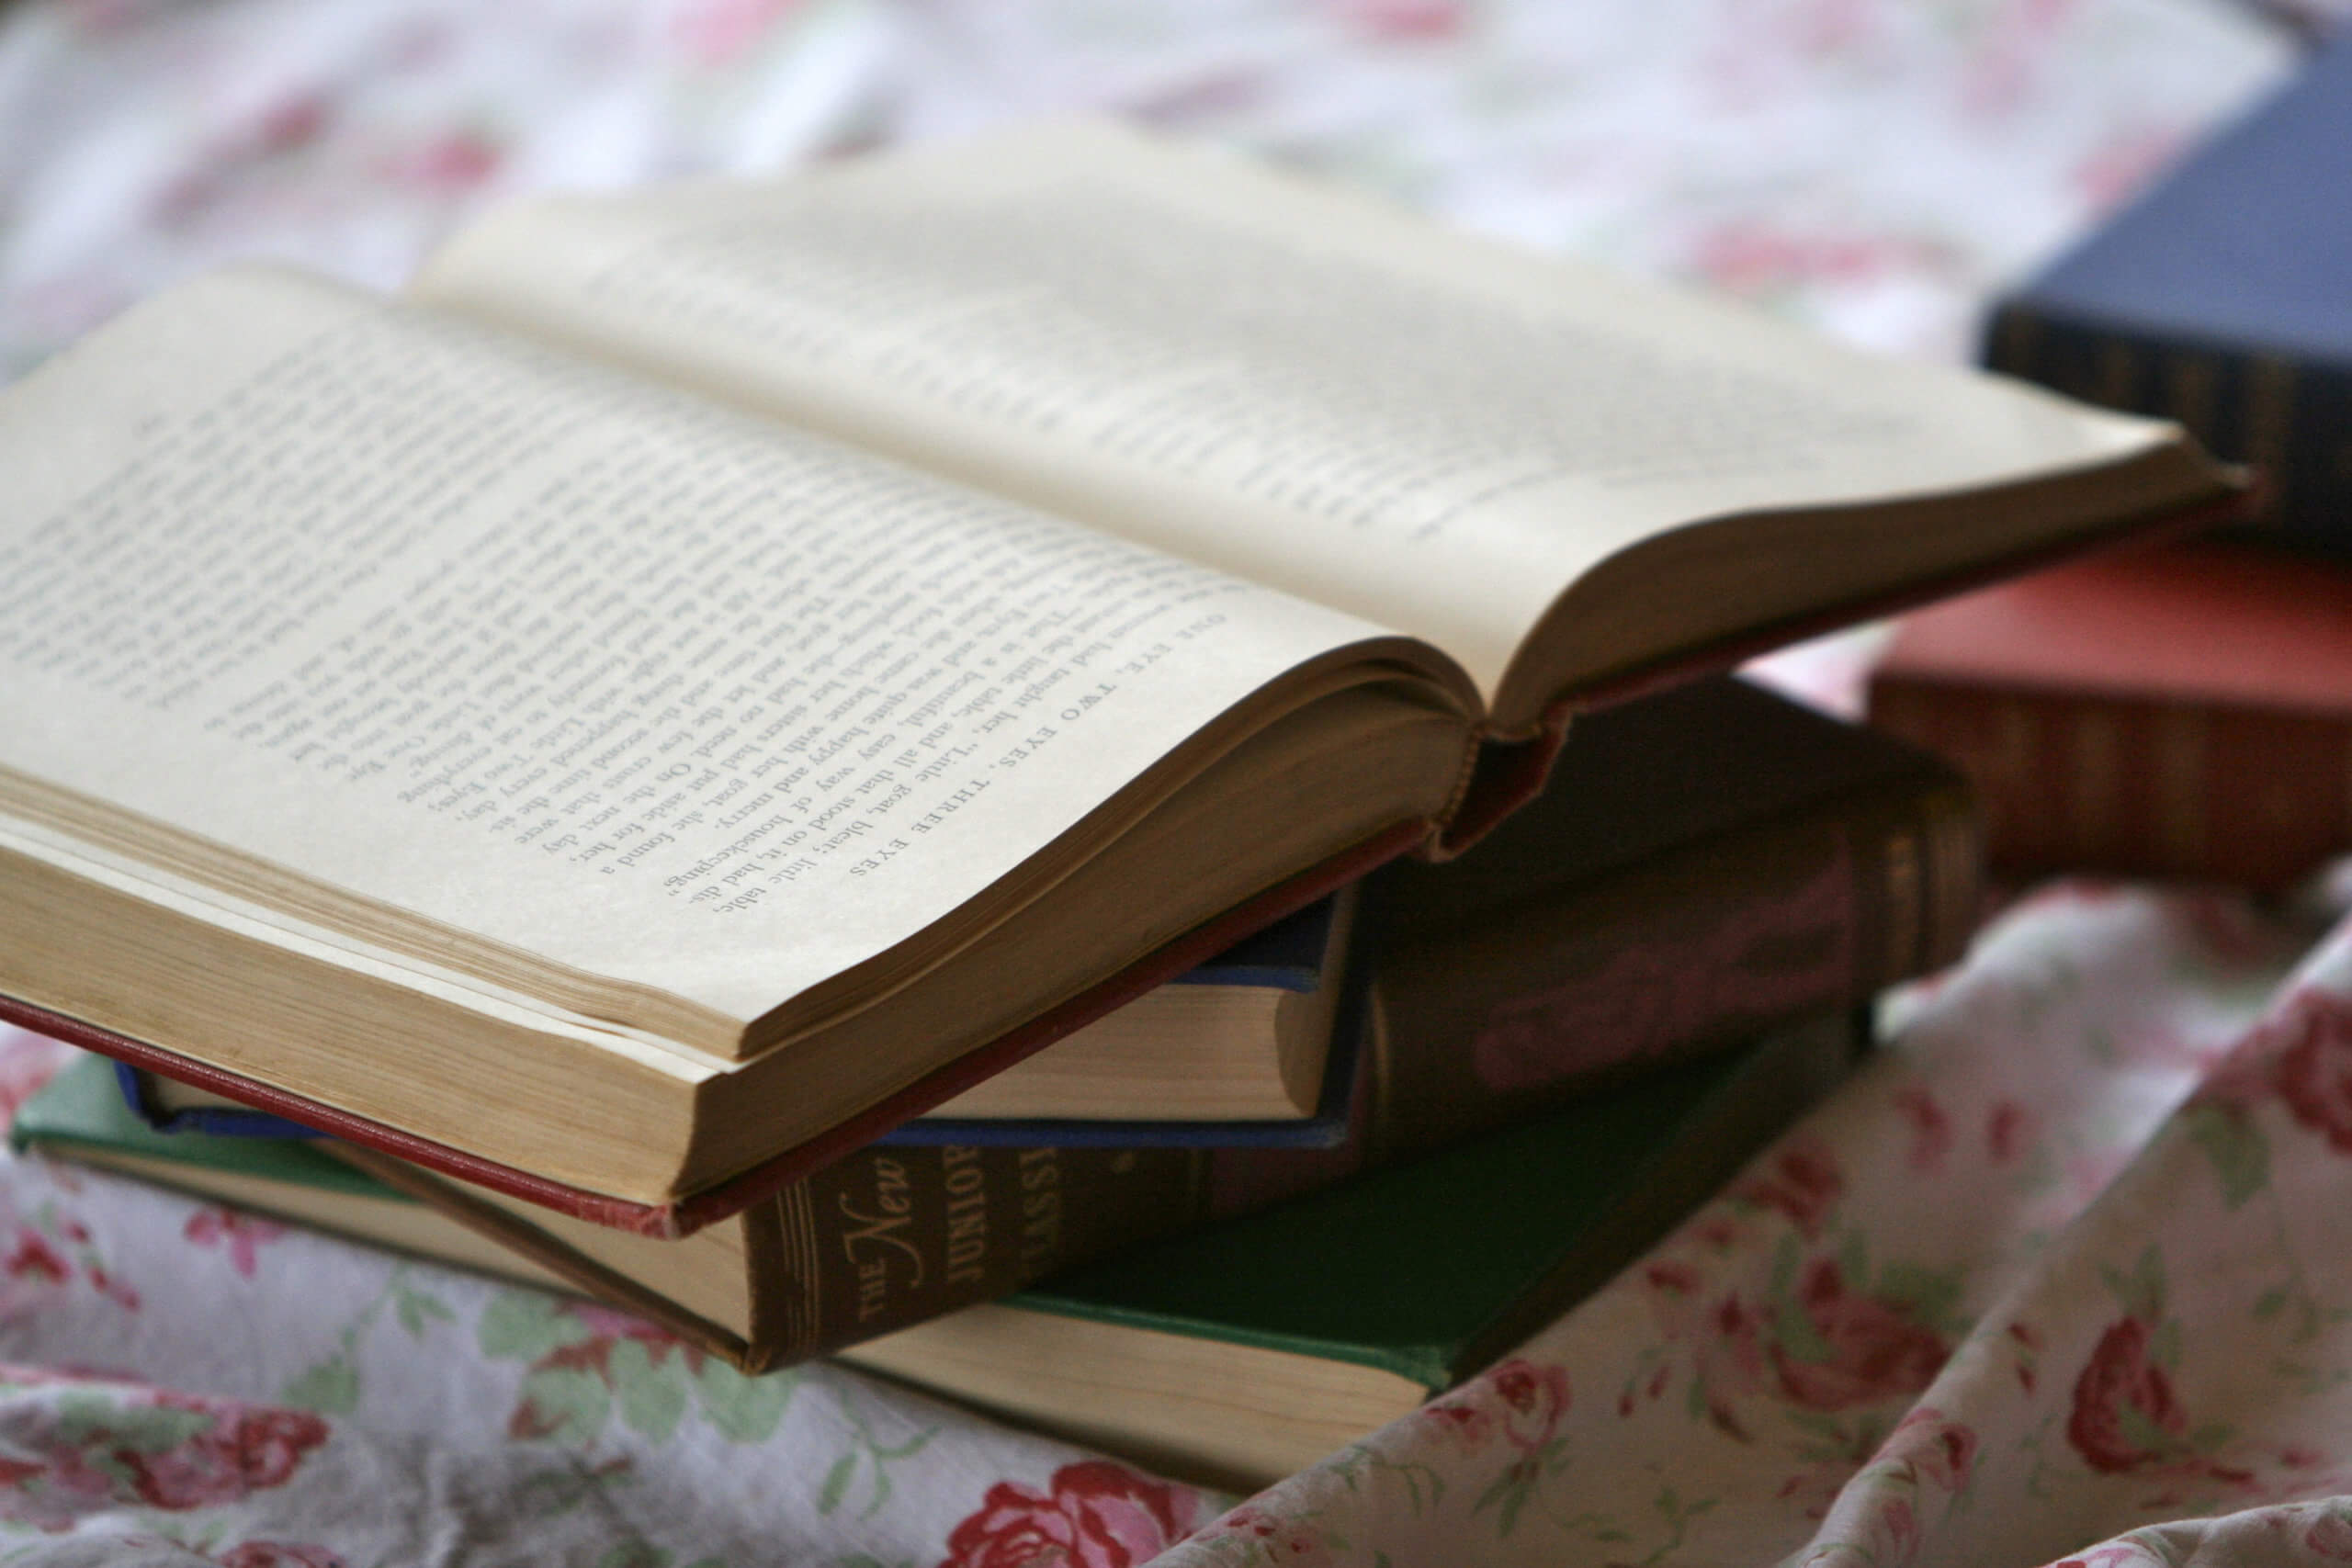 本が積んである